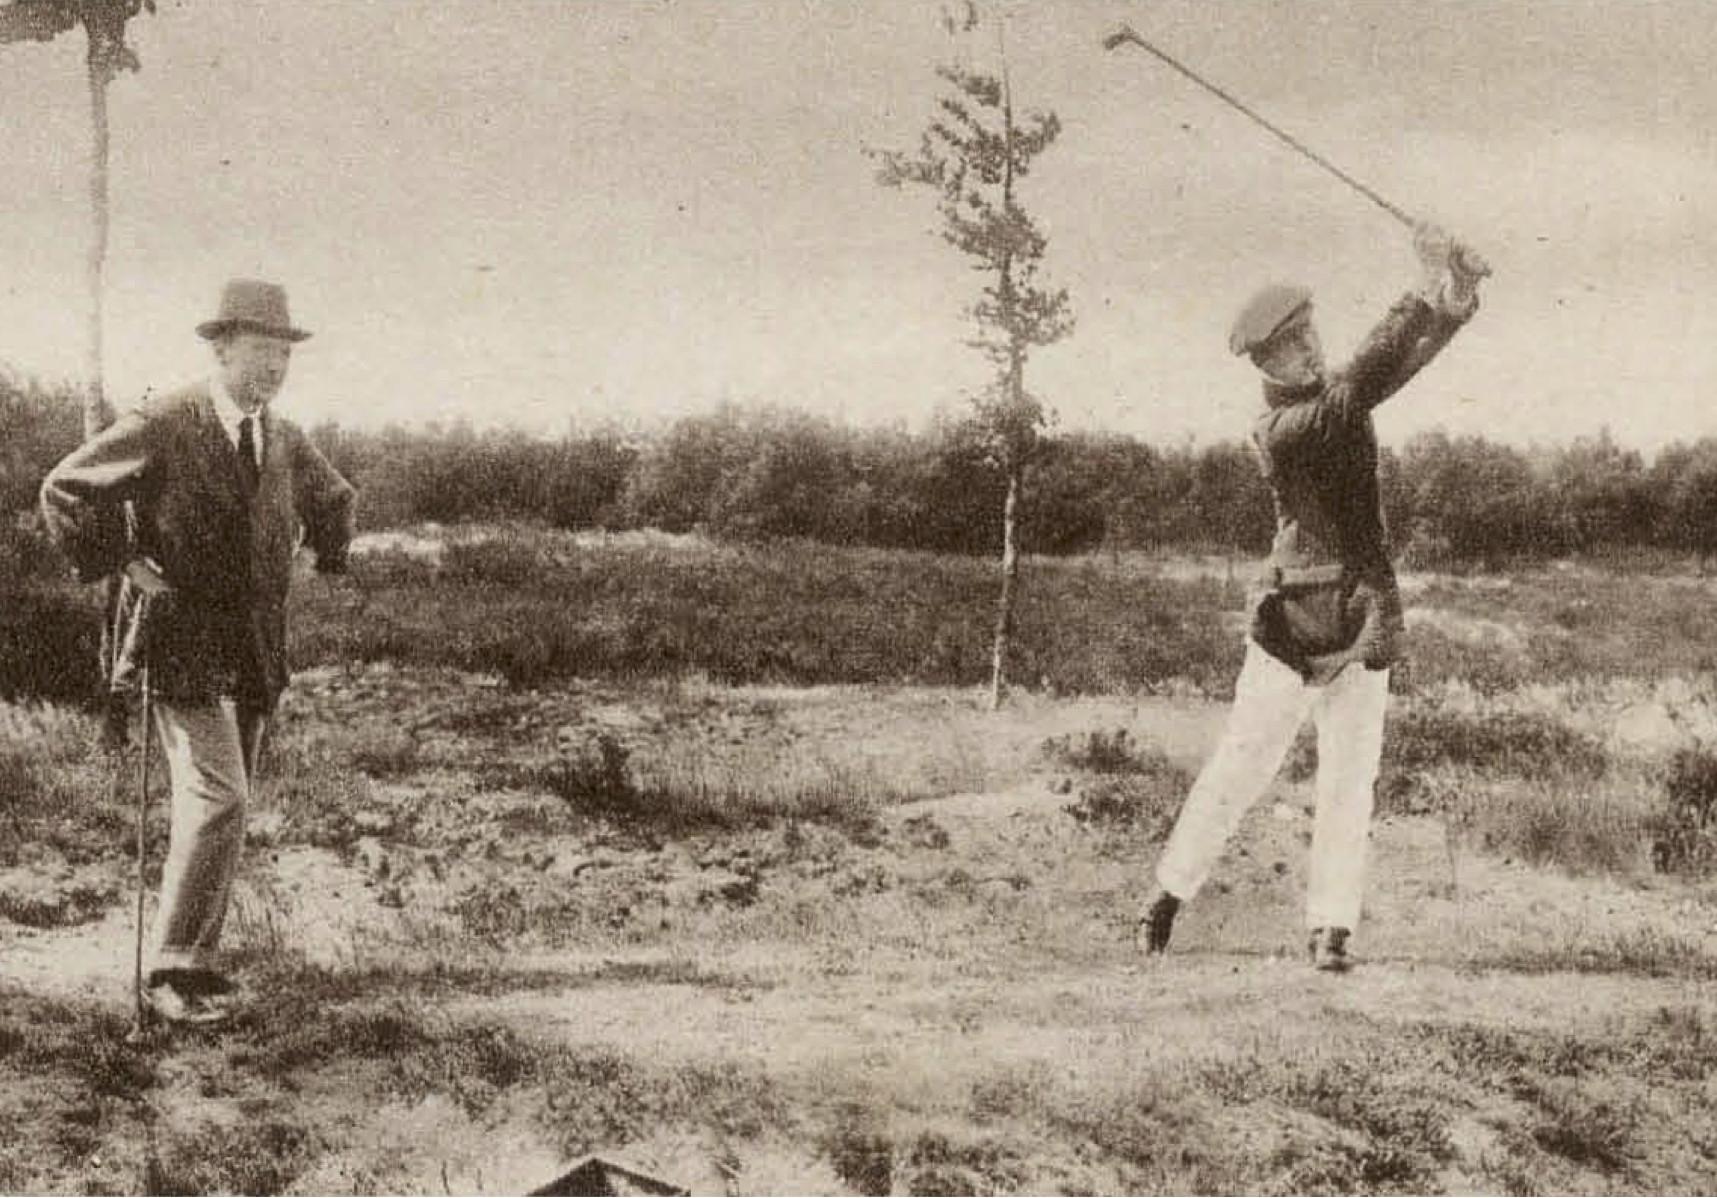 B. van der Mersch - 1922